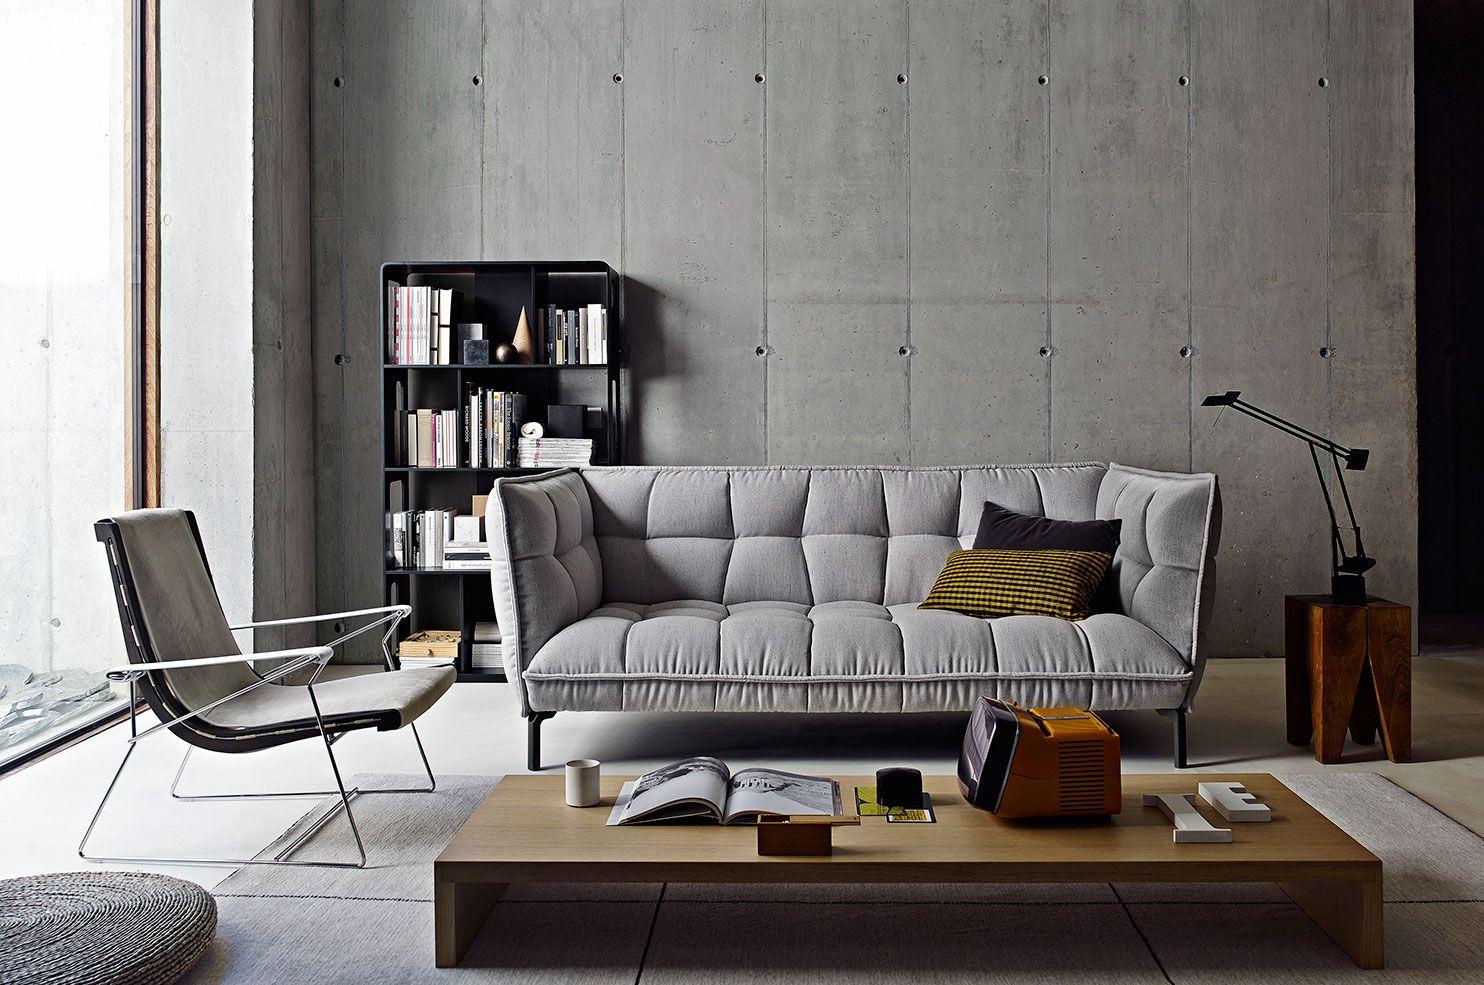 Eines Unserer Lieblingsstücke Bei Clic Jetzt Auf B Italia Galeriefläche Husk Sofa Collection Design Patricia Urquiola